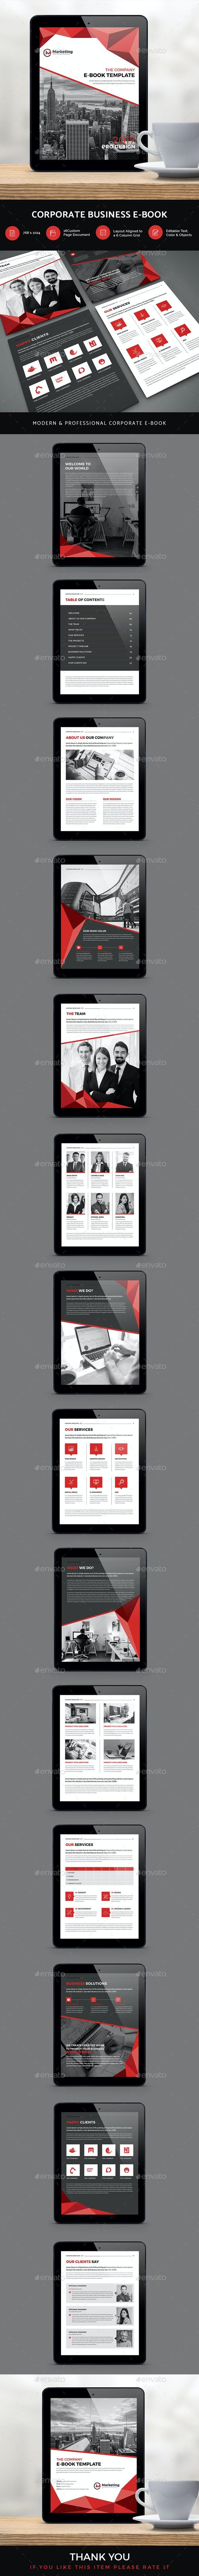 CORPORATE BUSINESS EBOOK - ePublishing